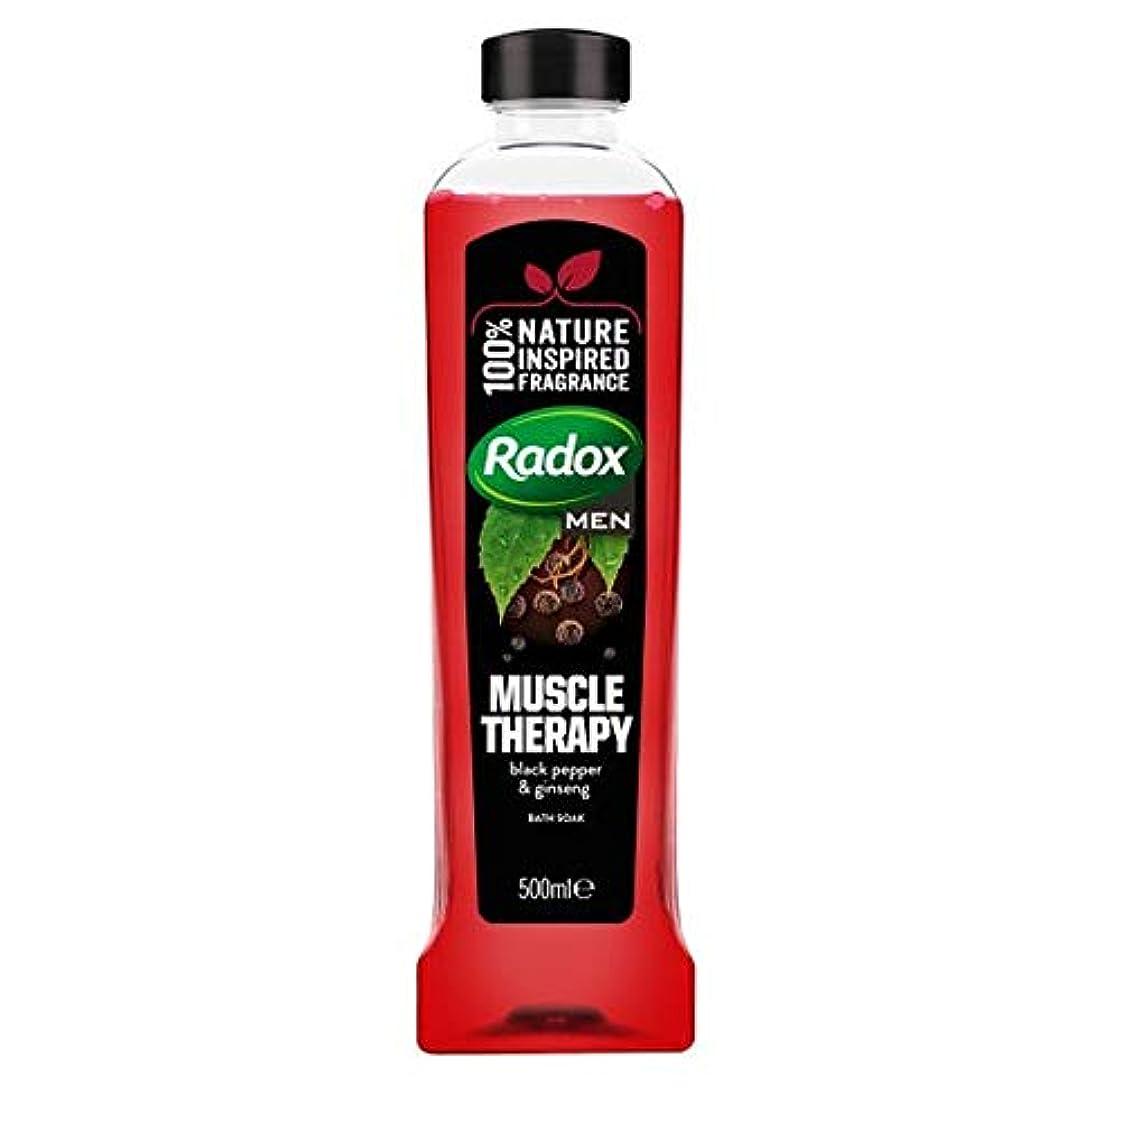 検査官シンプルさ顧問[Radox] Radox男性の筋肉療法浴が500ミリリットルを浸します - Radox Men Muscle Therapy Bath Soak 500Ml [並行輸入品]